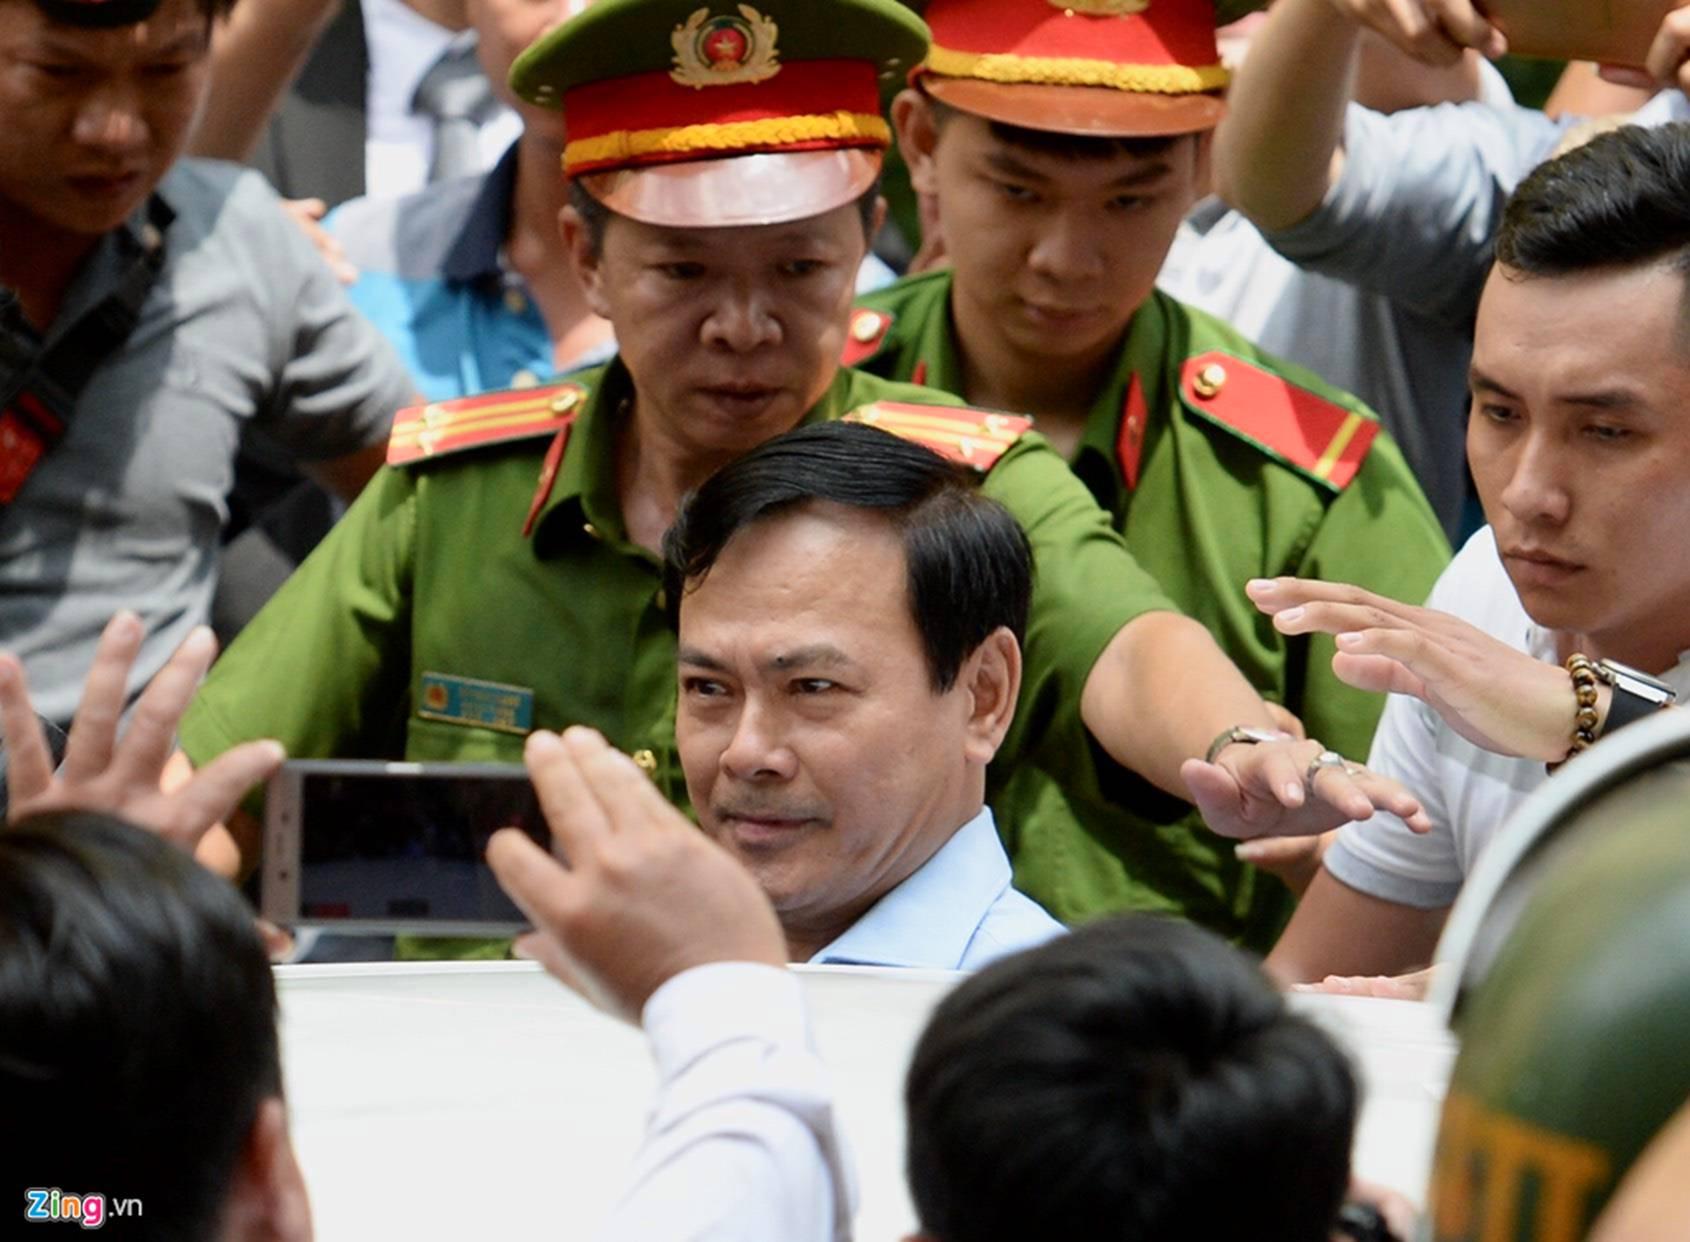 Hàng chục cảnh sát hộ tống Nguyễn Hữu Linh rời tòa-7